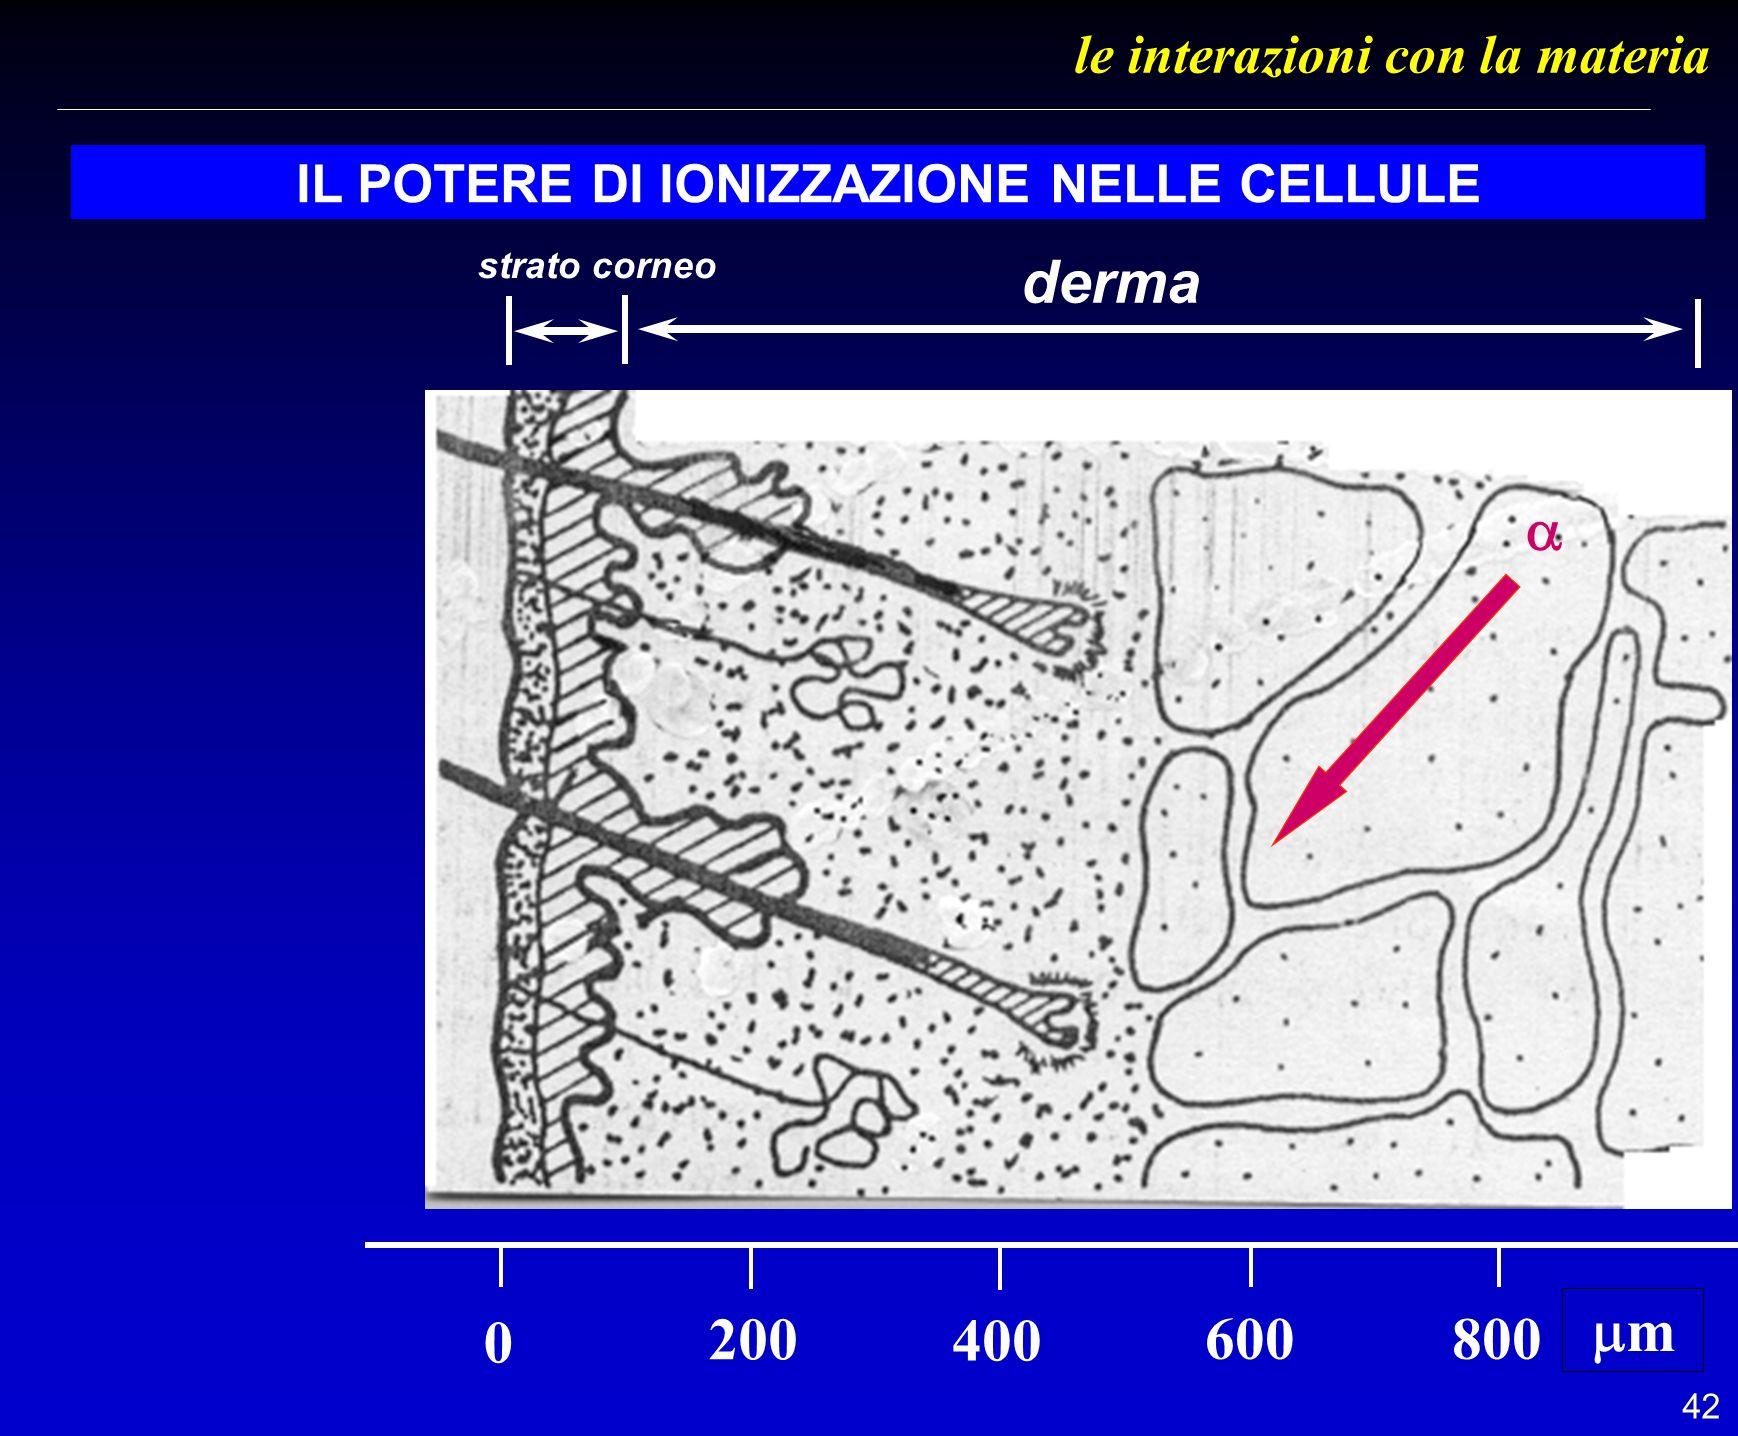 42 le interazioni con la materia IL POTERE DI IONIZZAZIONE NELLE CELLULE 0 200 400 600800 m derma strato corneo